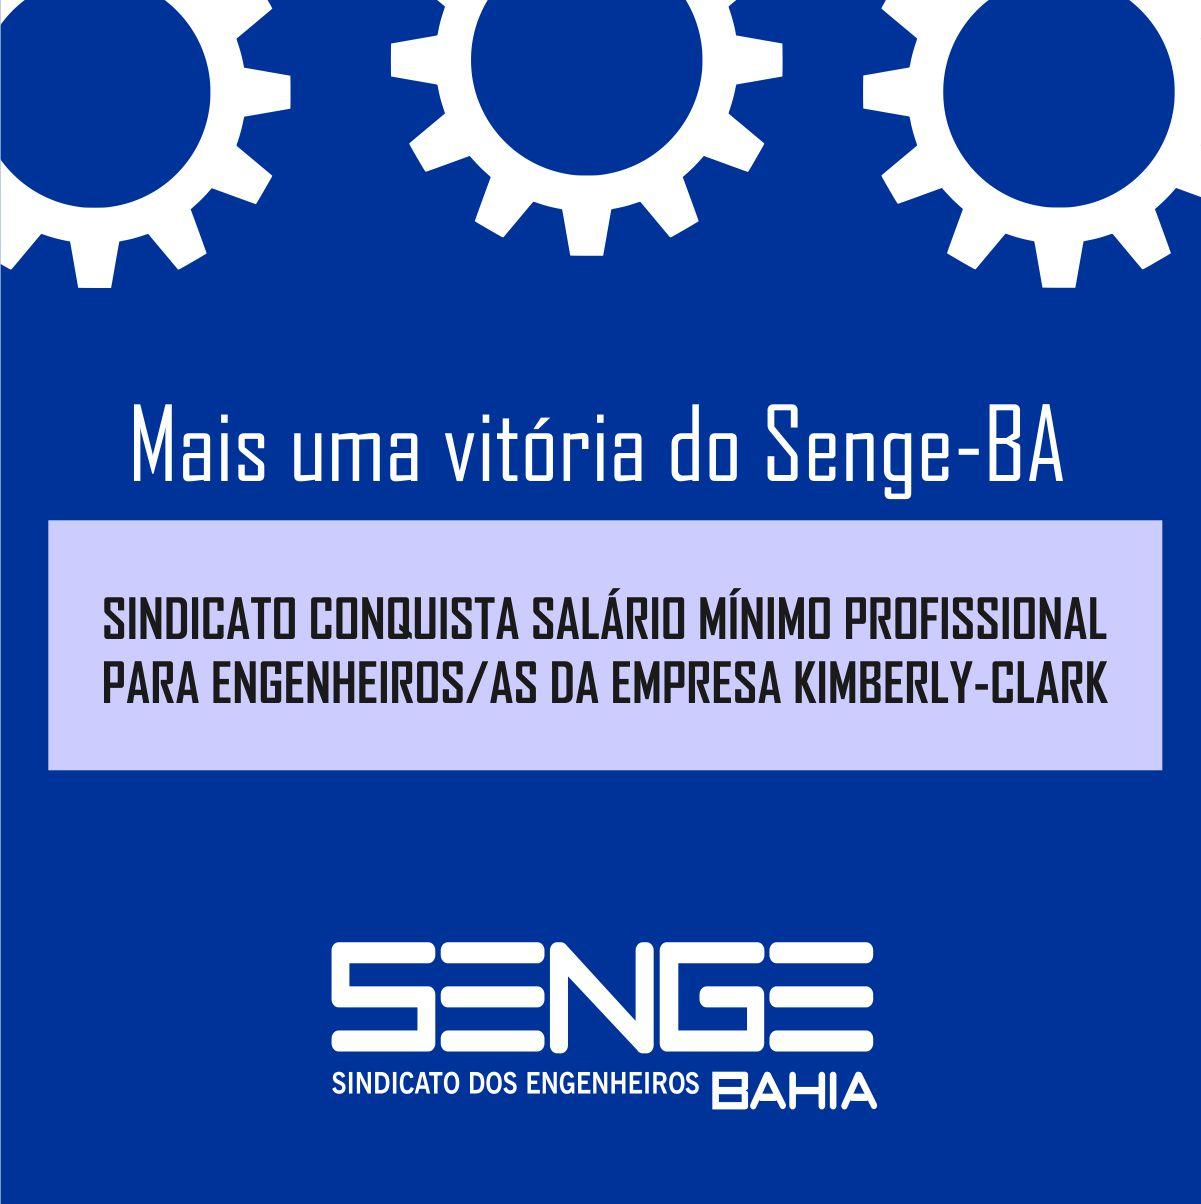 Ação coletiva garante salário mínimo profissional a engenheiros